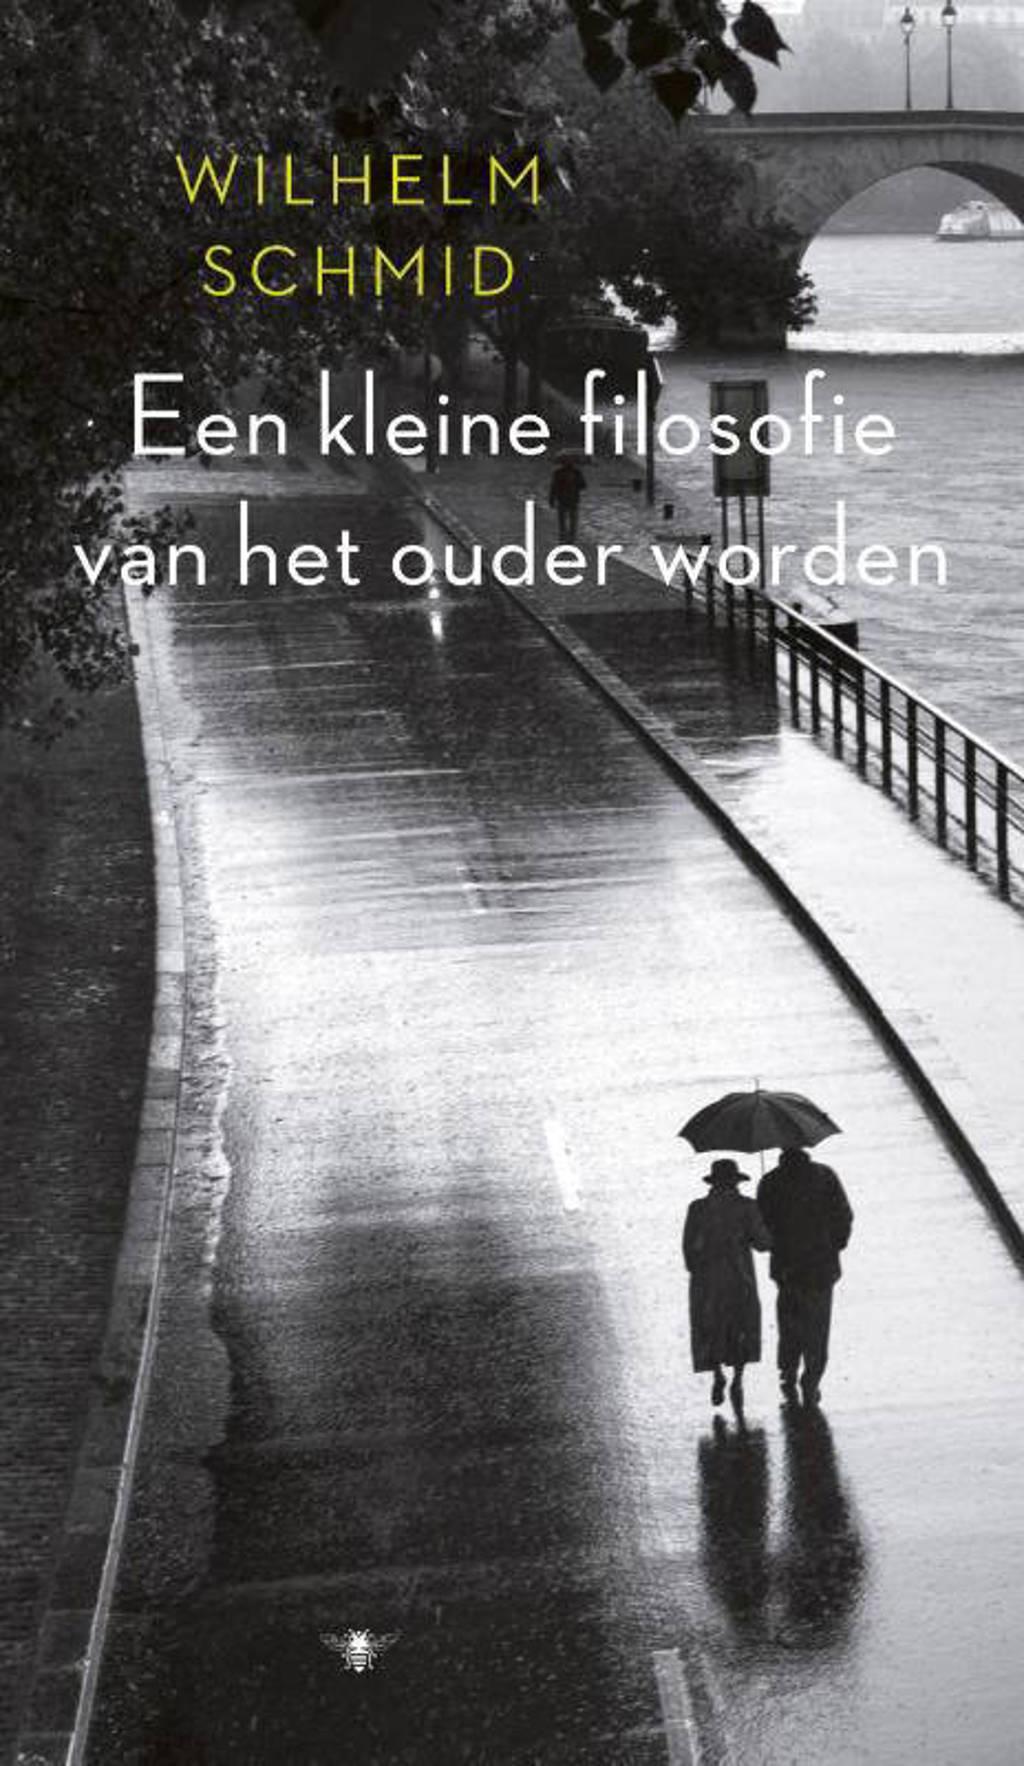 Een kleine filosofie van het ouder worden - Wilhelm Schmid